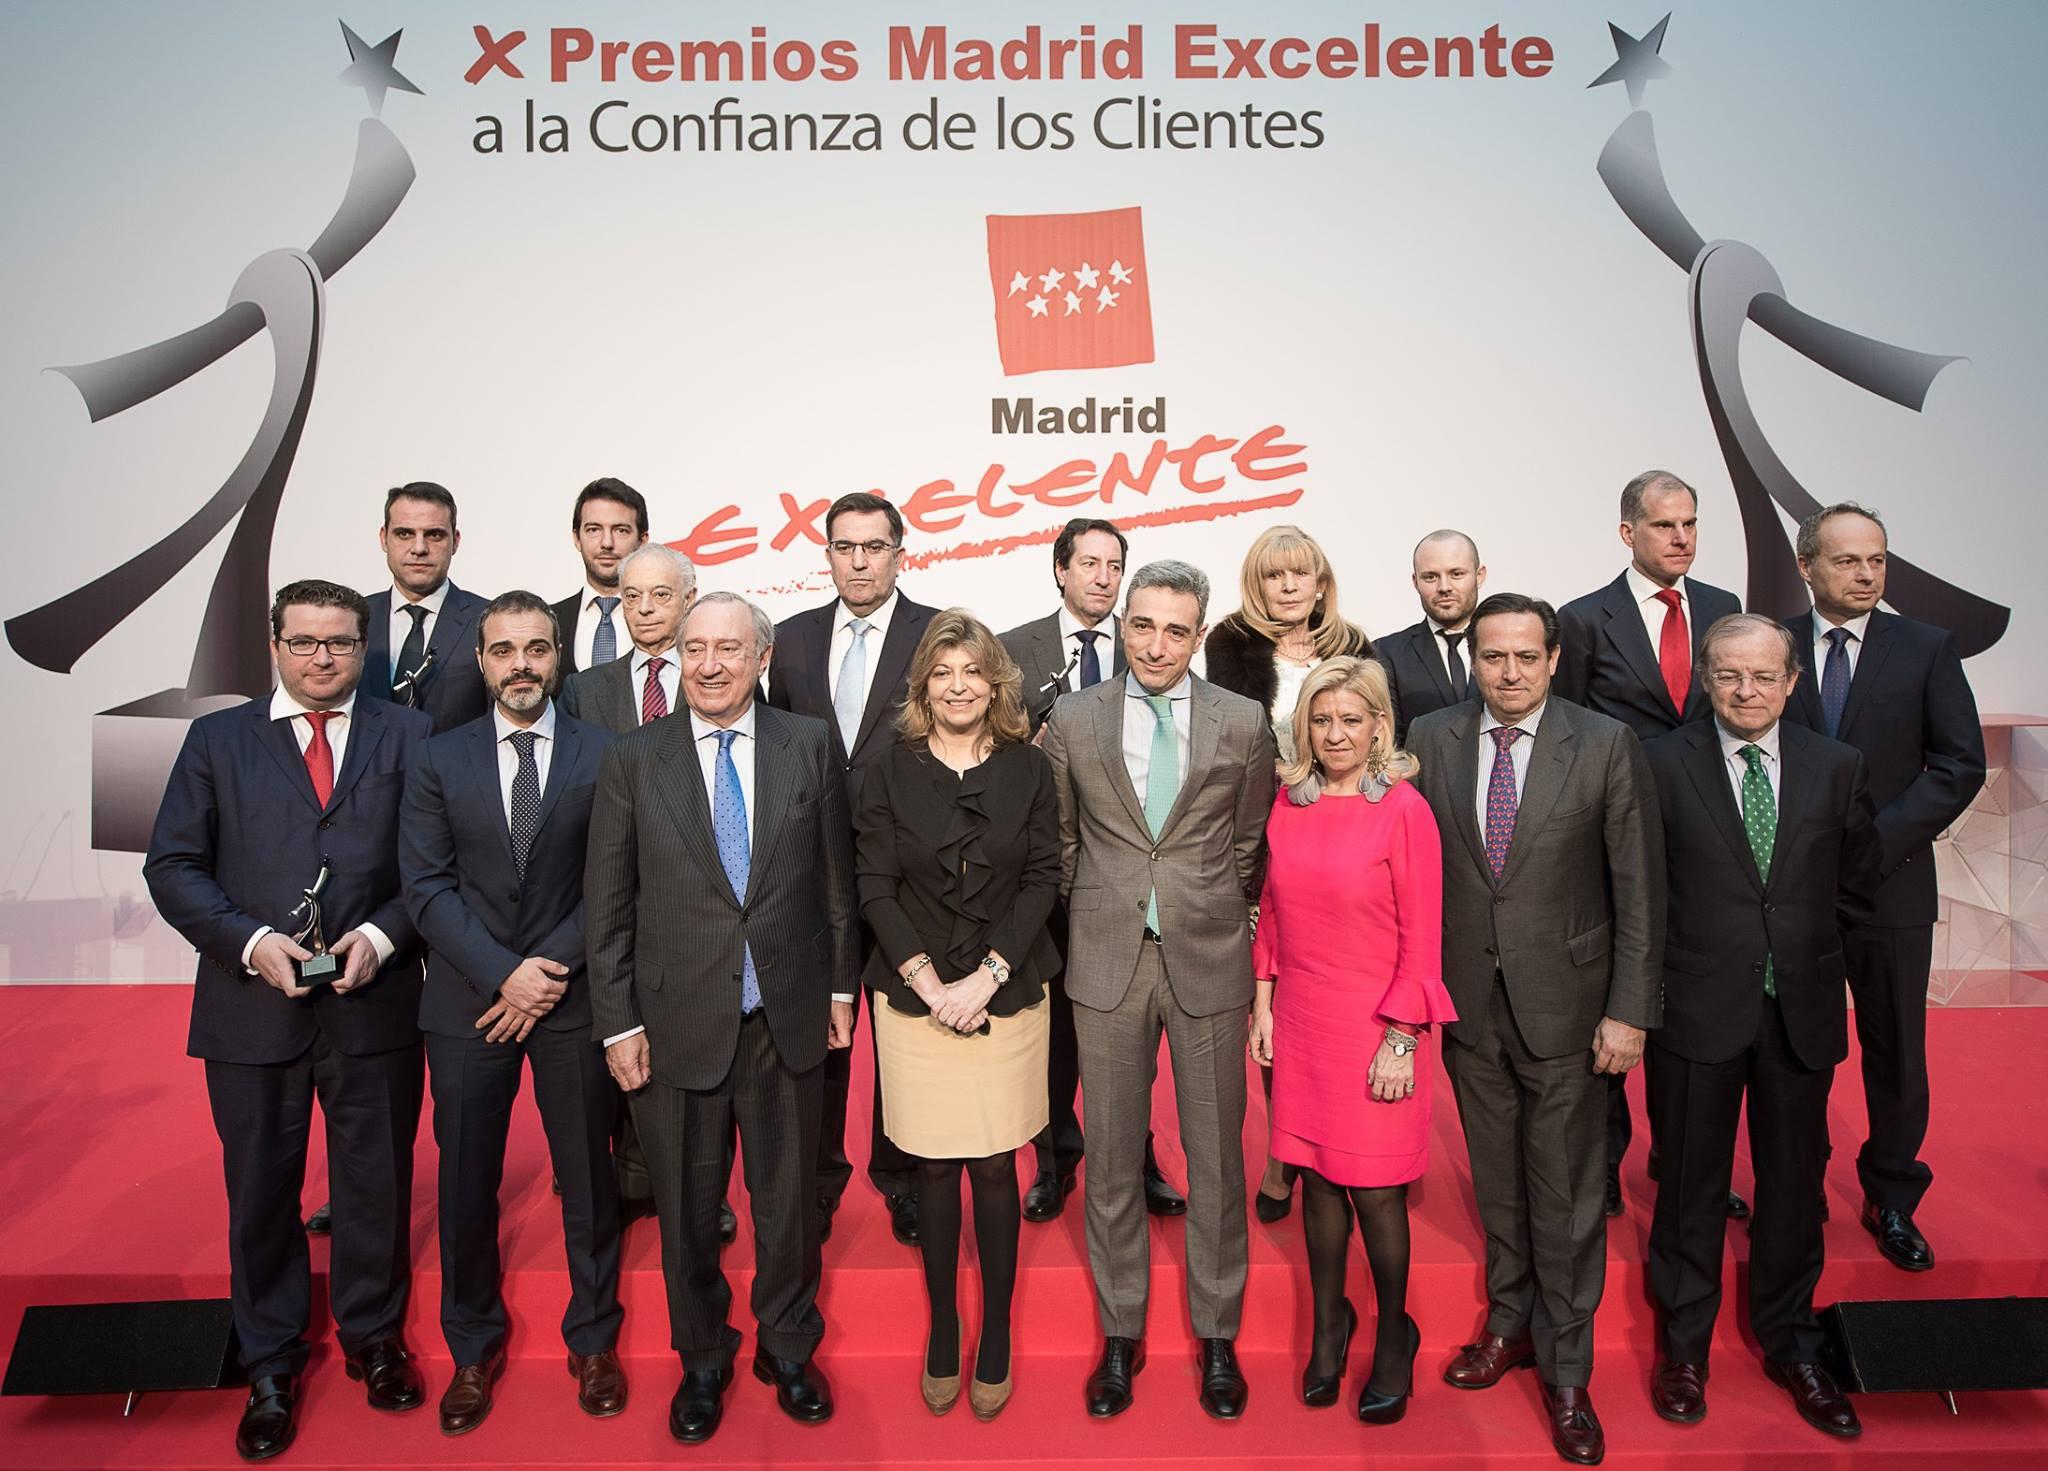 25/01/2017 – X Edición de los premios Madrid Excelente